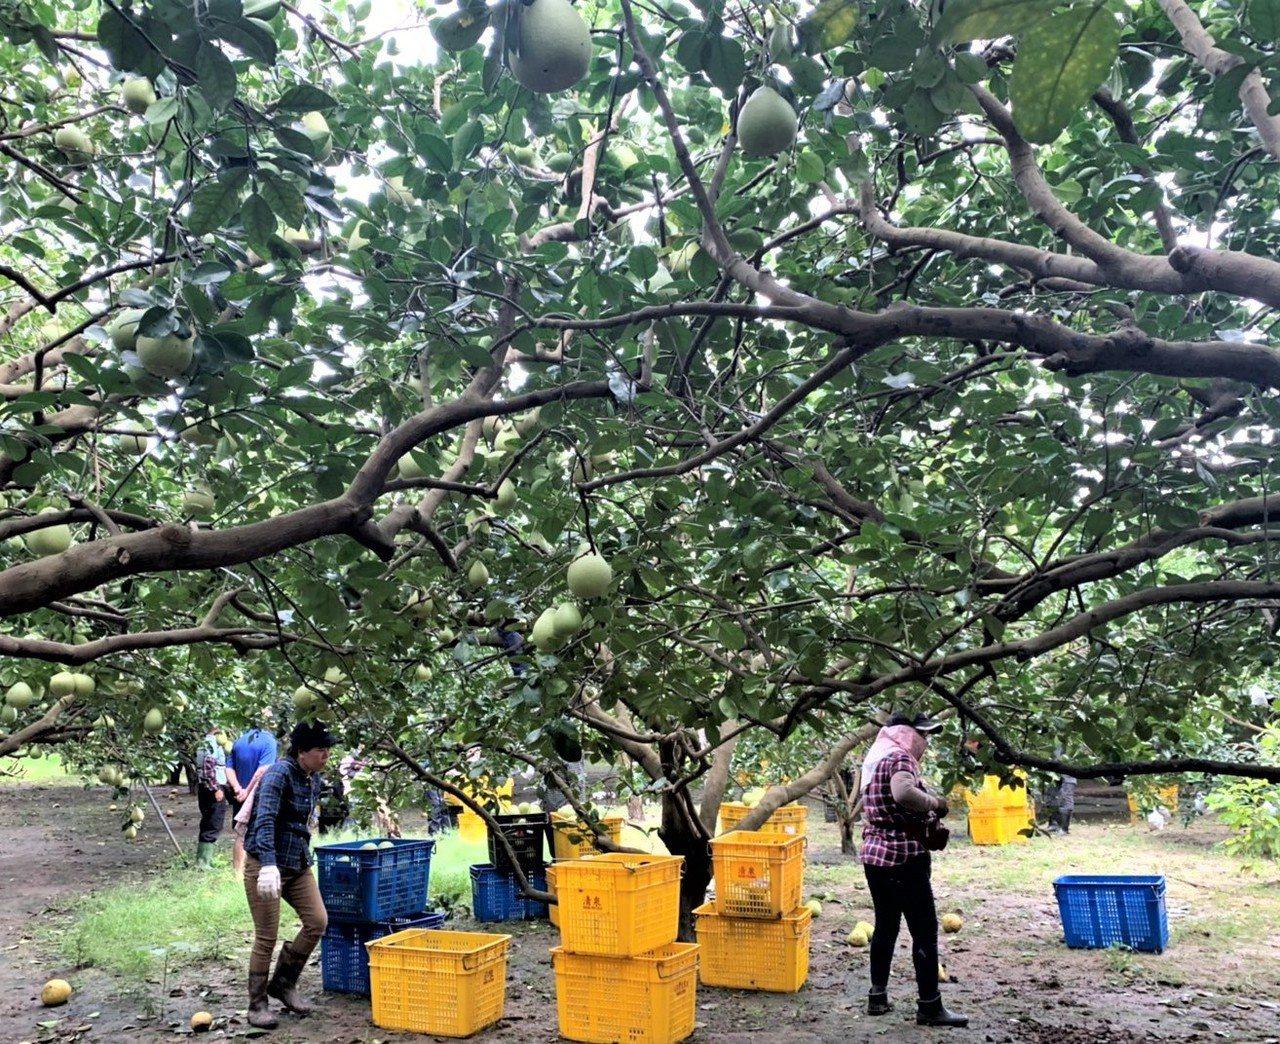 台南麻豆文旦也進入採收期,農民面對颱風可能撲台,也加快採收。 記者吳淑玲/攝影